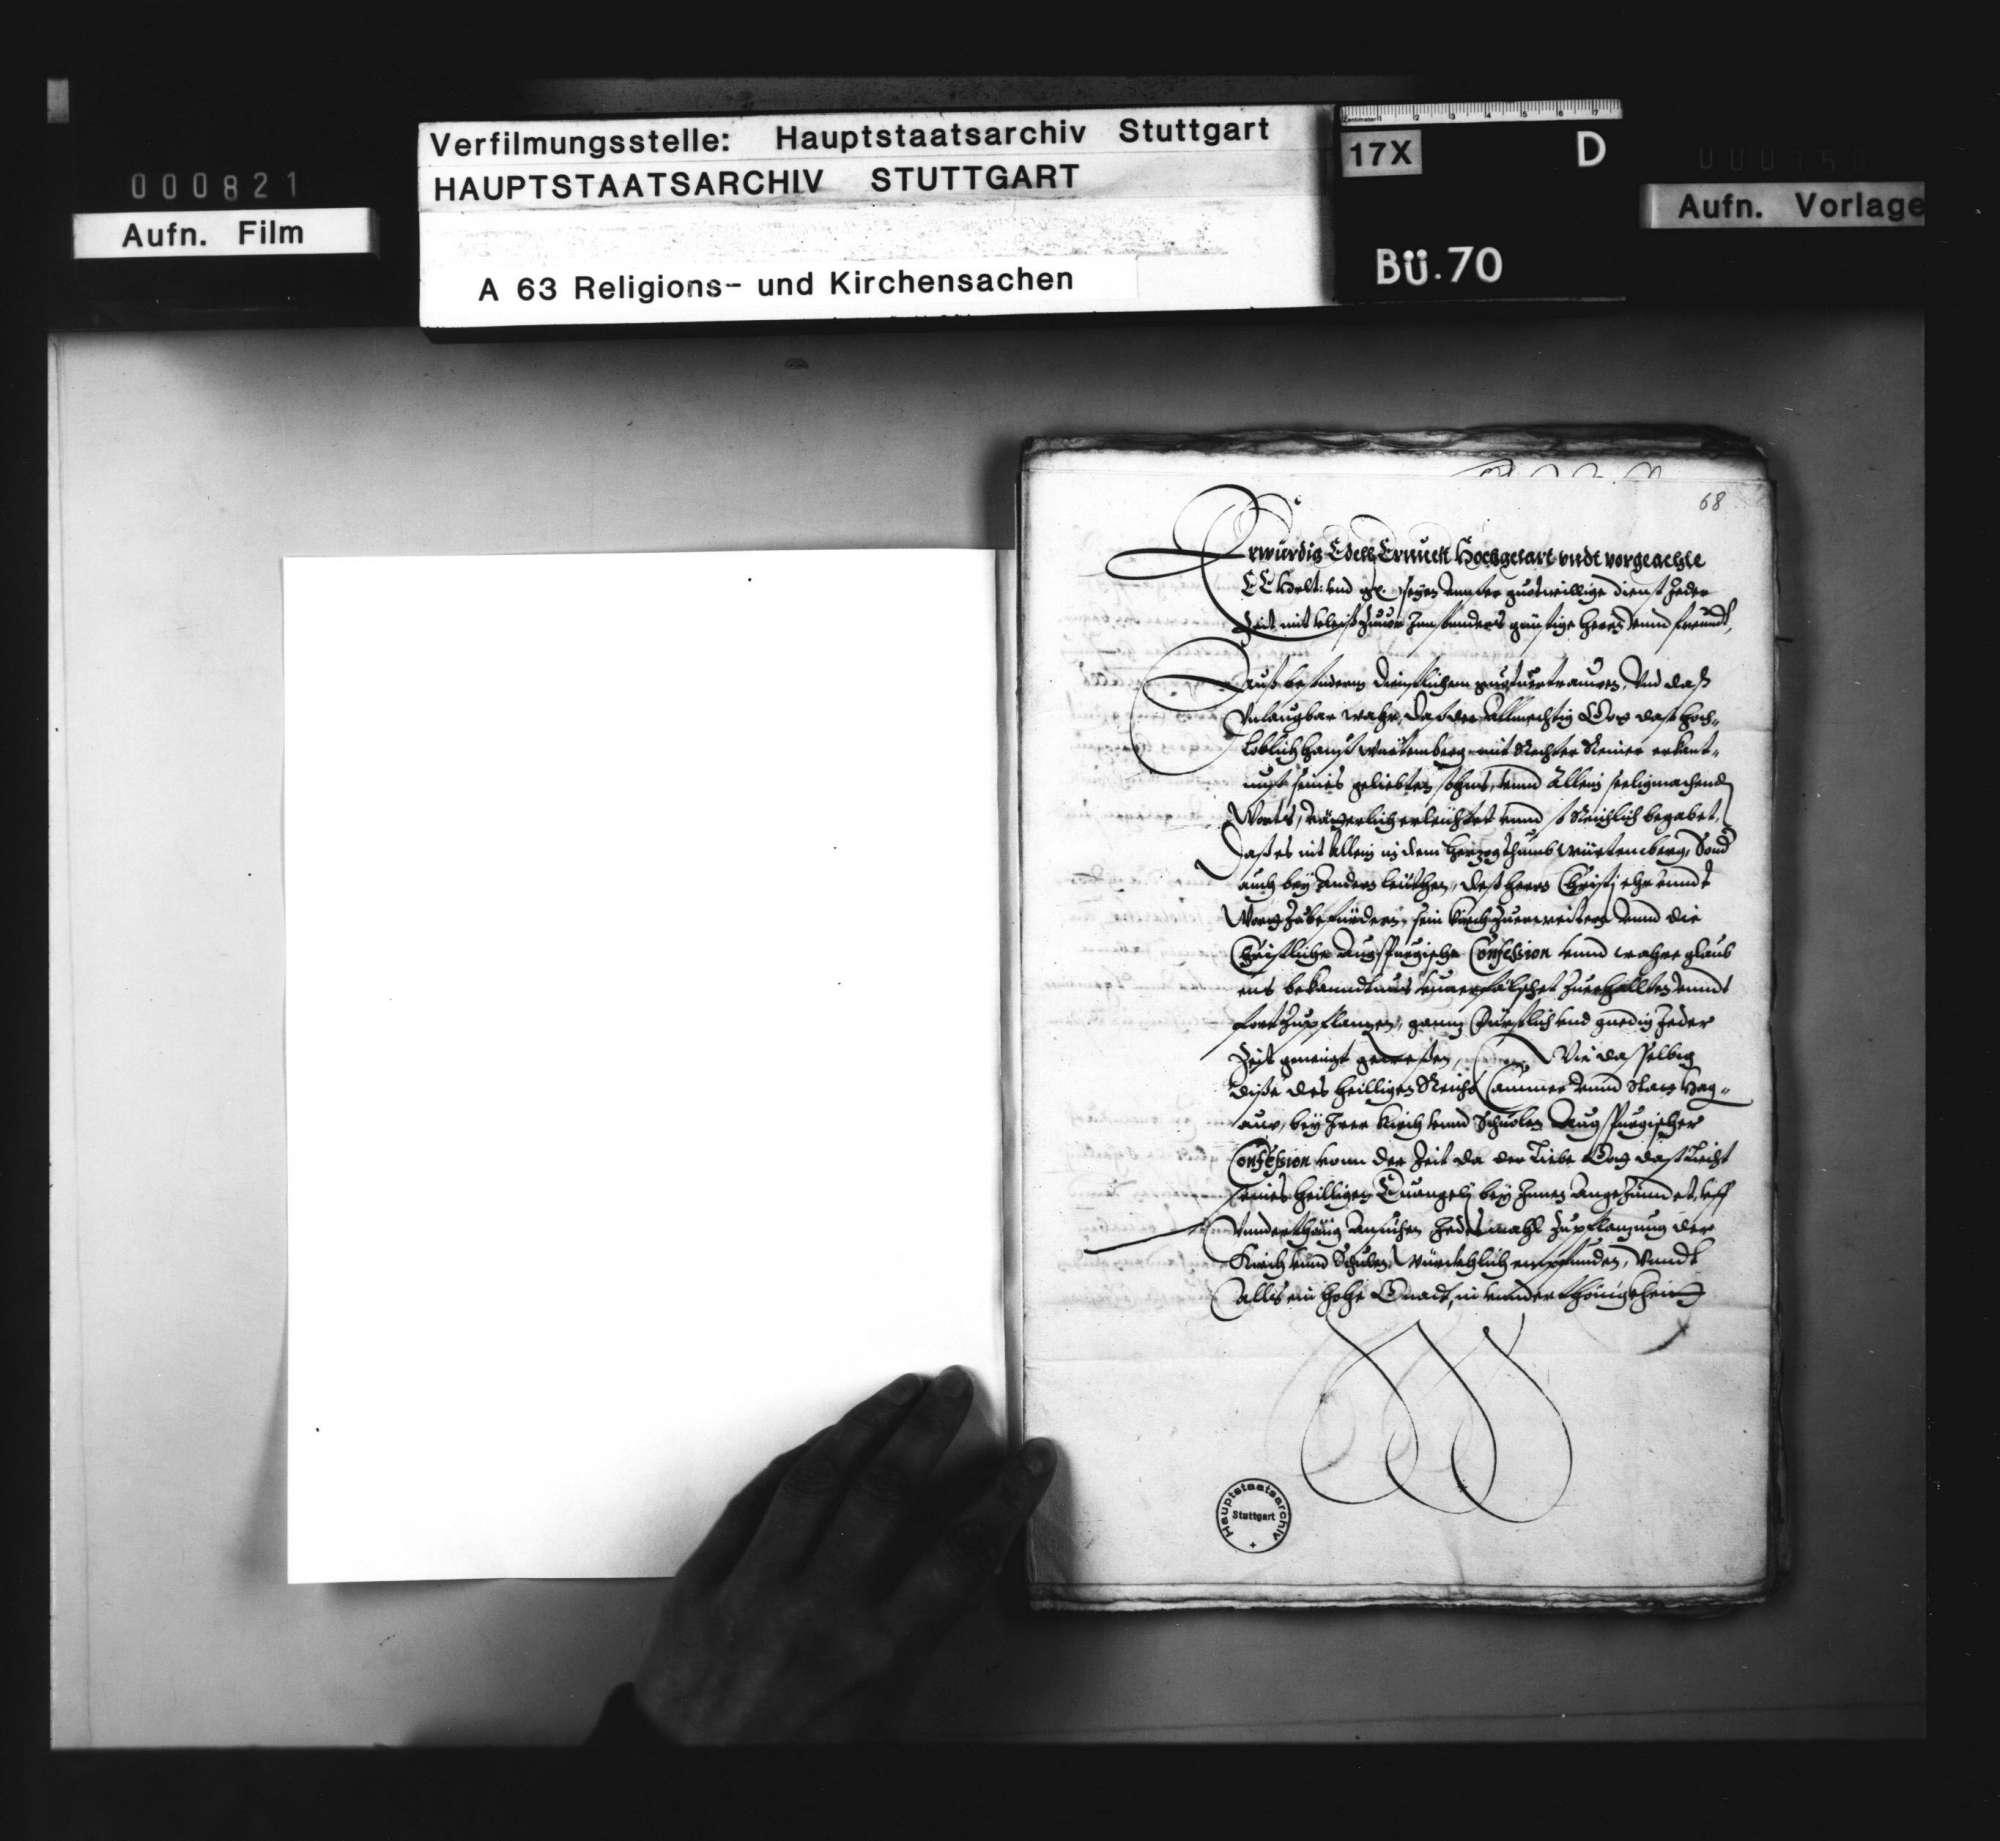 Akten, betreffend die Überlassung württembergischer Geistlicher an auswärtige Kirchen: 1. des J. Bogenritter nach Hagenau, 1594. 2. des Marcus Löffler nach Böhmen, 1595/97. 3. des G. Keppelmann an G. von Wald ins Thurgau, 1597. 4. des G. Speyser an den Grafen von Erbach, 1599. 5. des Leonhard Seiz an denselben, 1602. 6. des C. Wagner an den Freiherrn zu Gundersdorf, 1602. 7. des U. Viktor nach Landau, 1604. 8. des Erhard Cellius an die Stadt Wimpfen, 1606., Bild 2